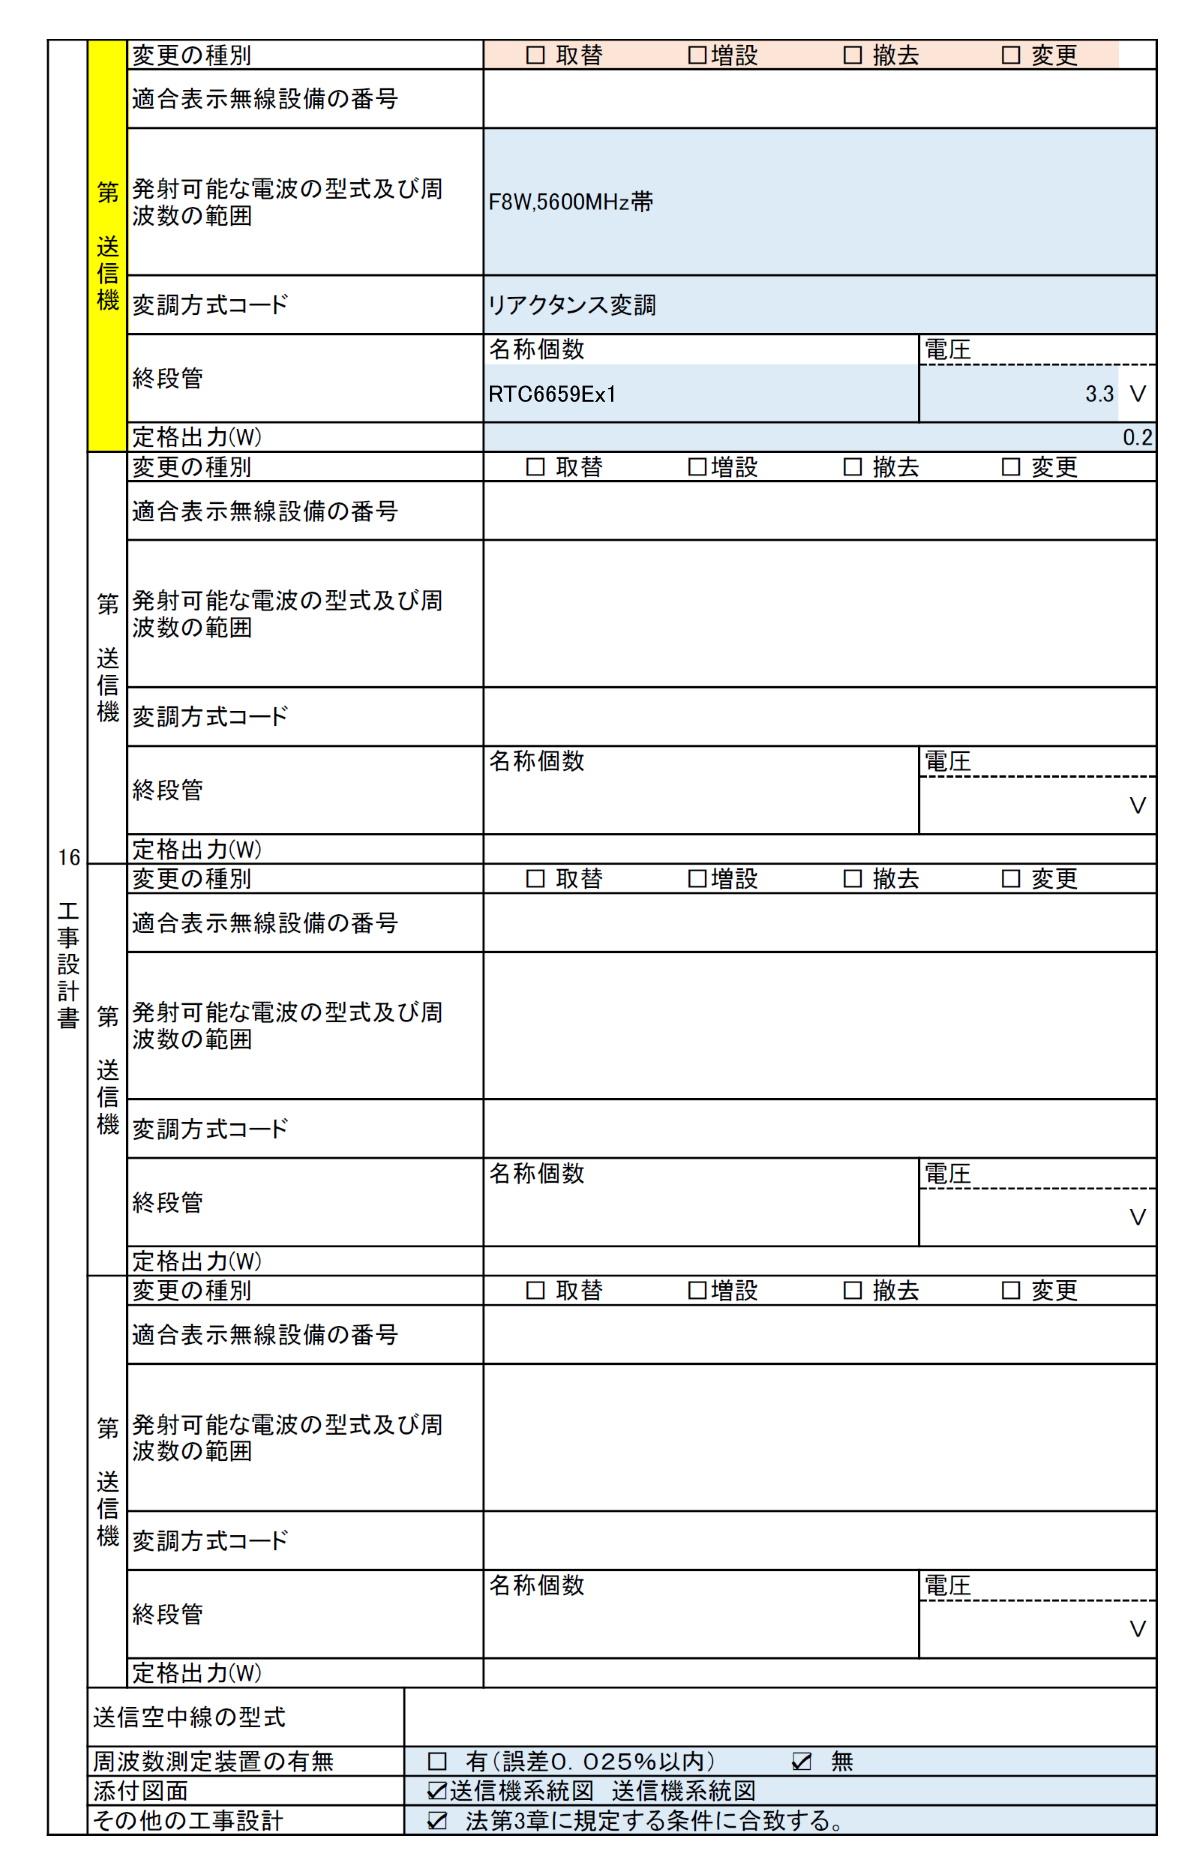 kouji_sample_2